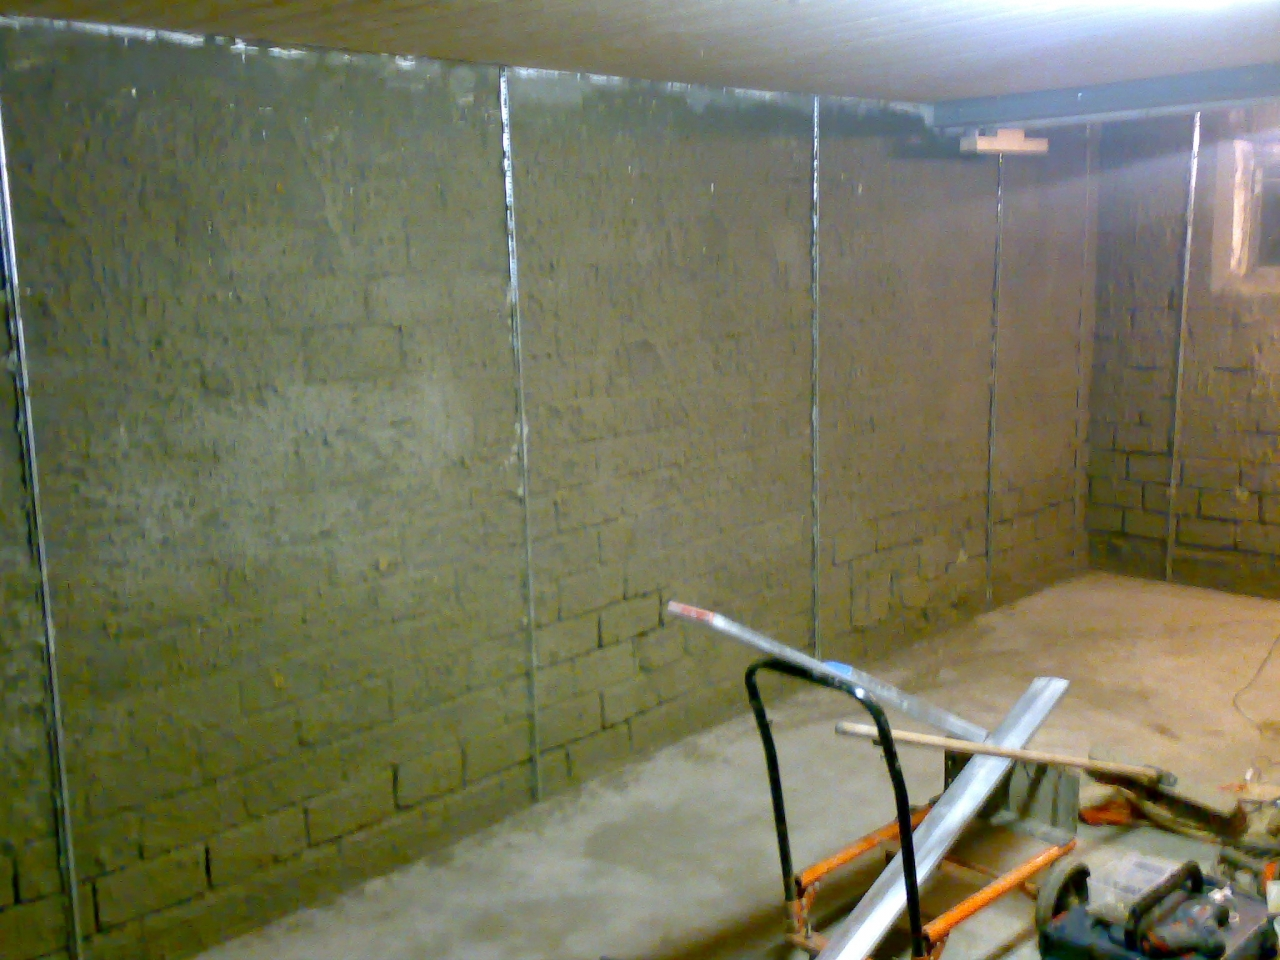 Hervorragend Werkstatt verputzen mit einem Zementputz - Bauanleitung zum HO32